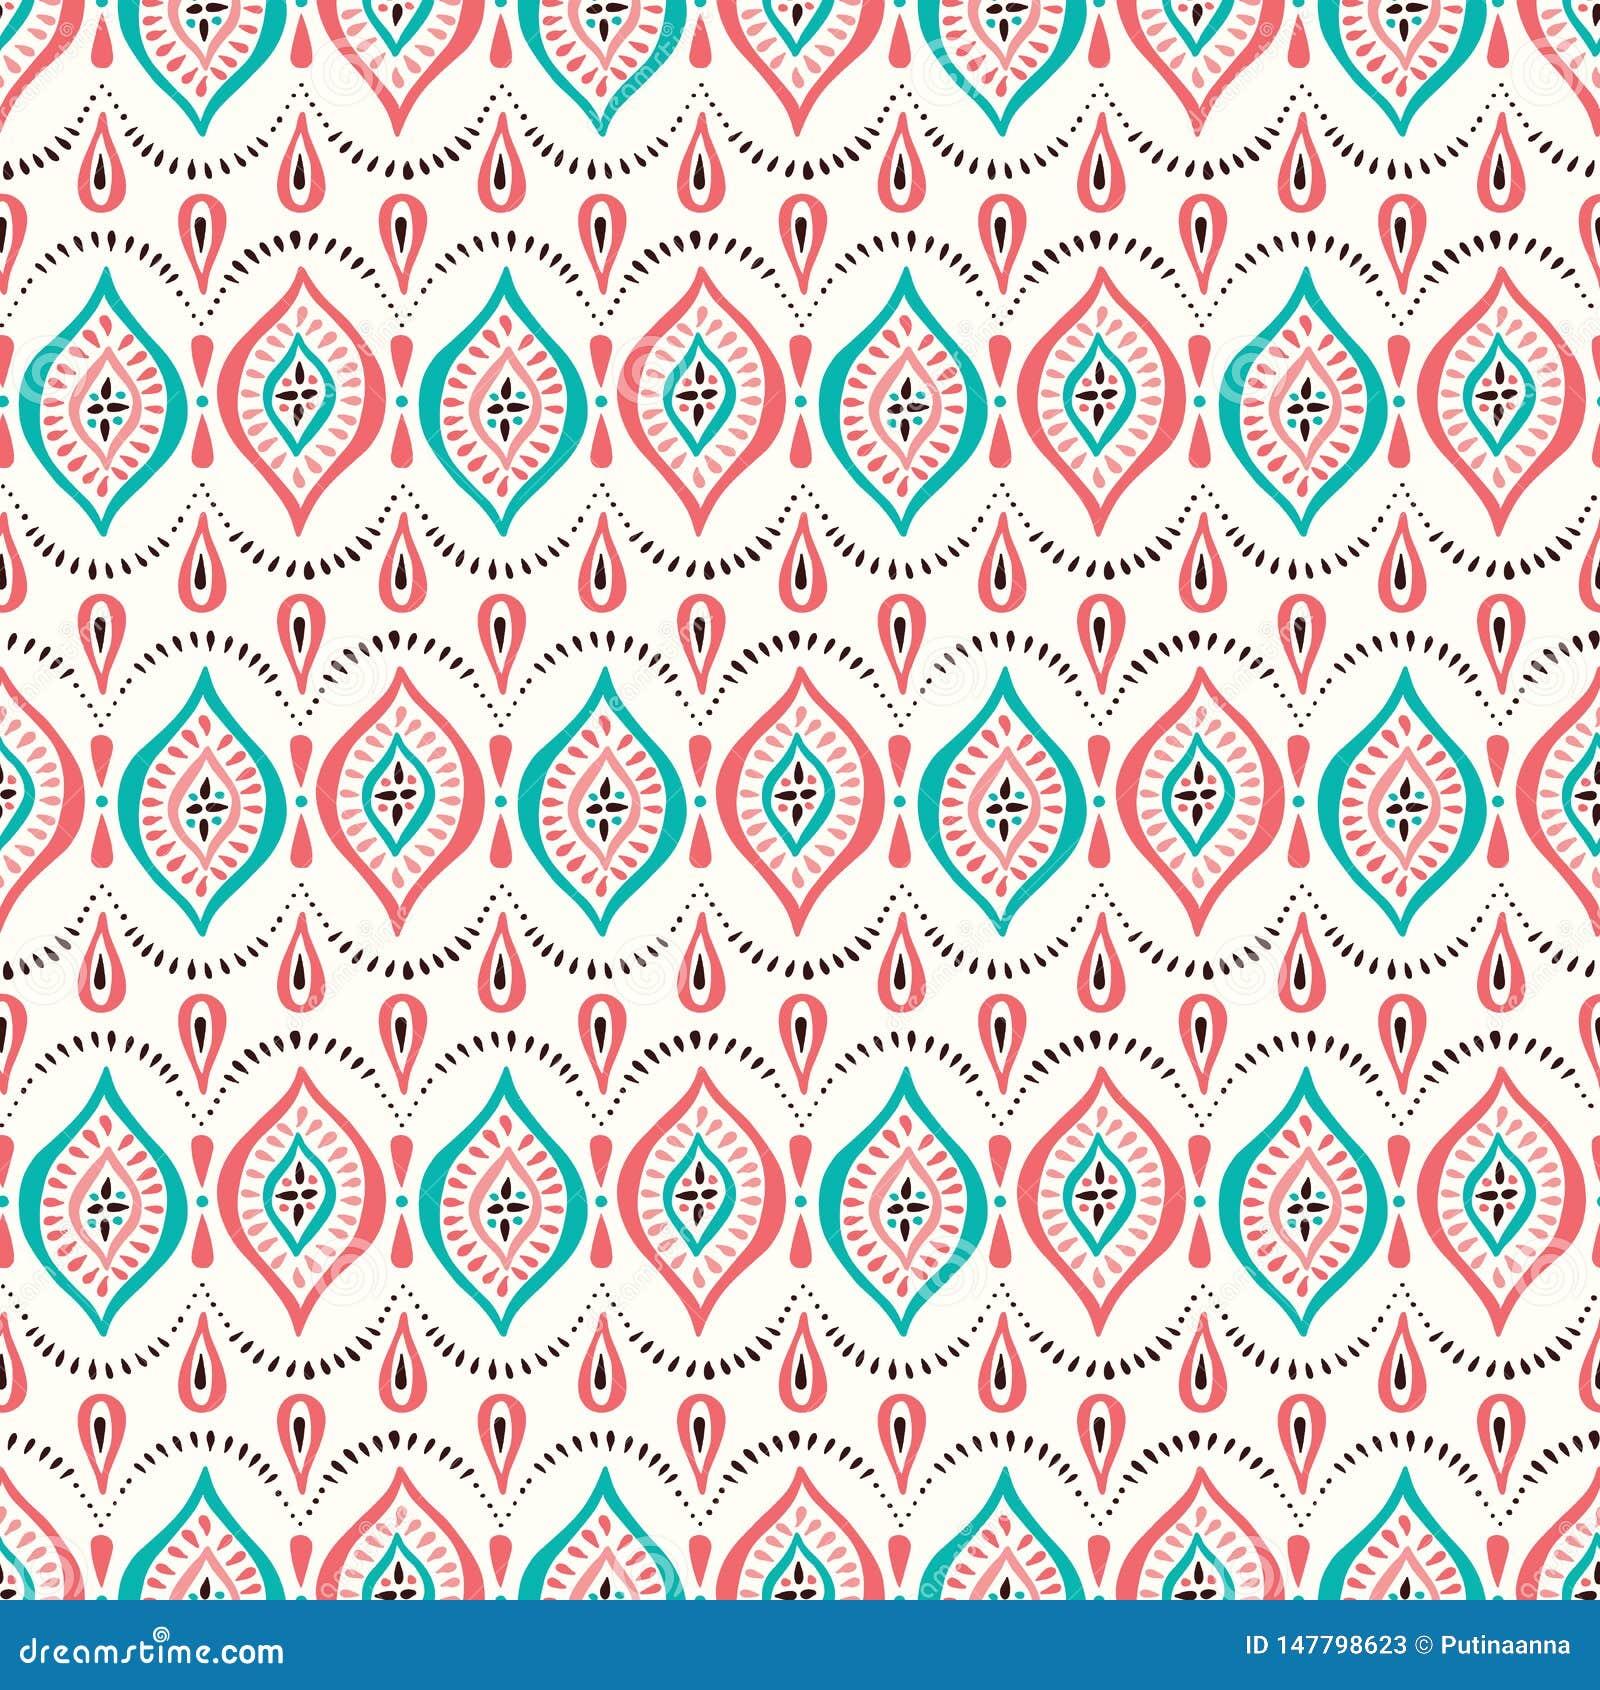 Kleurrijke Koraal en Aqua Handdrawn Lace Pattern met Diamanten en Punten Klassieke Elegante Vector Naadloze Achtergrond